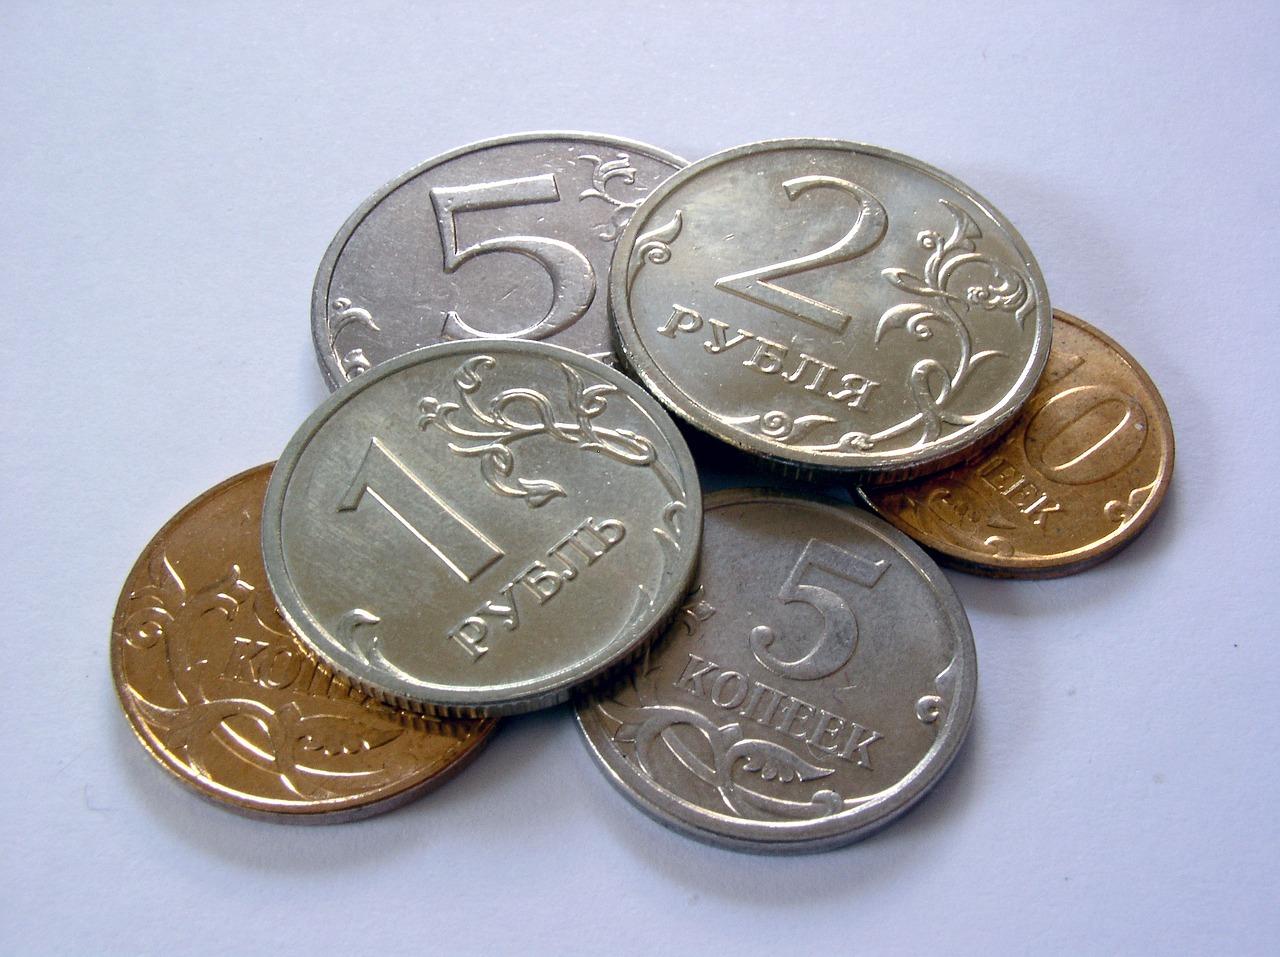 монеты в картинках купорос, как